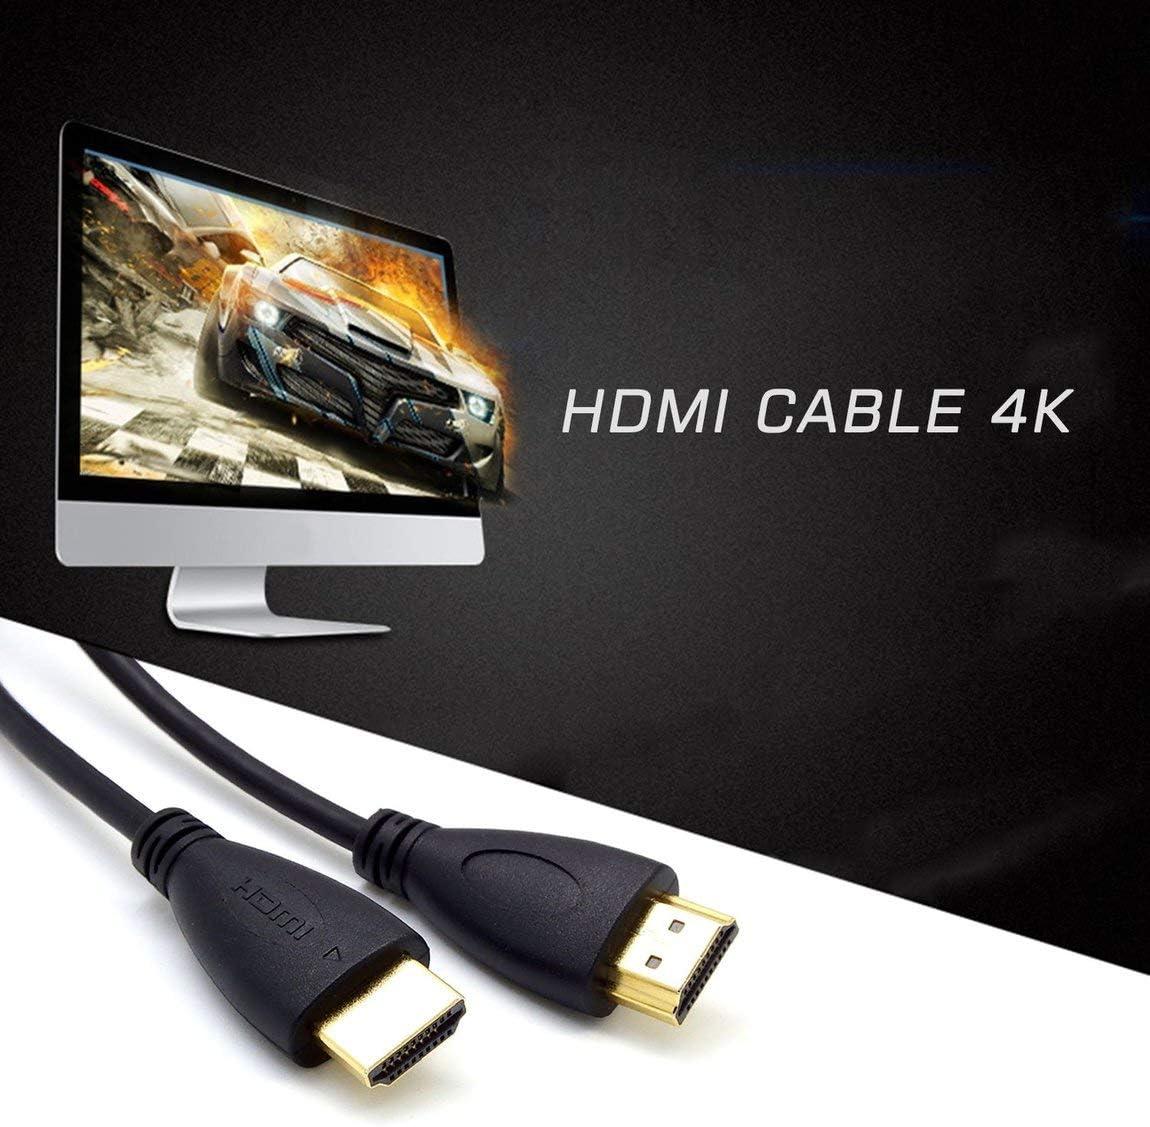 SeniorMar Einfach zu bedienendes HDMI 1.4 3D-Kabel Multifunktionsfernseher Ultra HD Ultra Slim-Verbindungskabel Hochaufl/ösende Hochgeschwindigkeitsleitung f/ür den Heimgebrauch